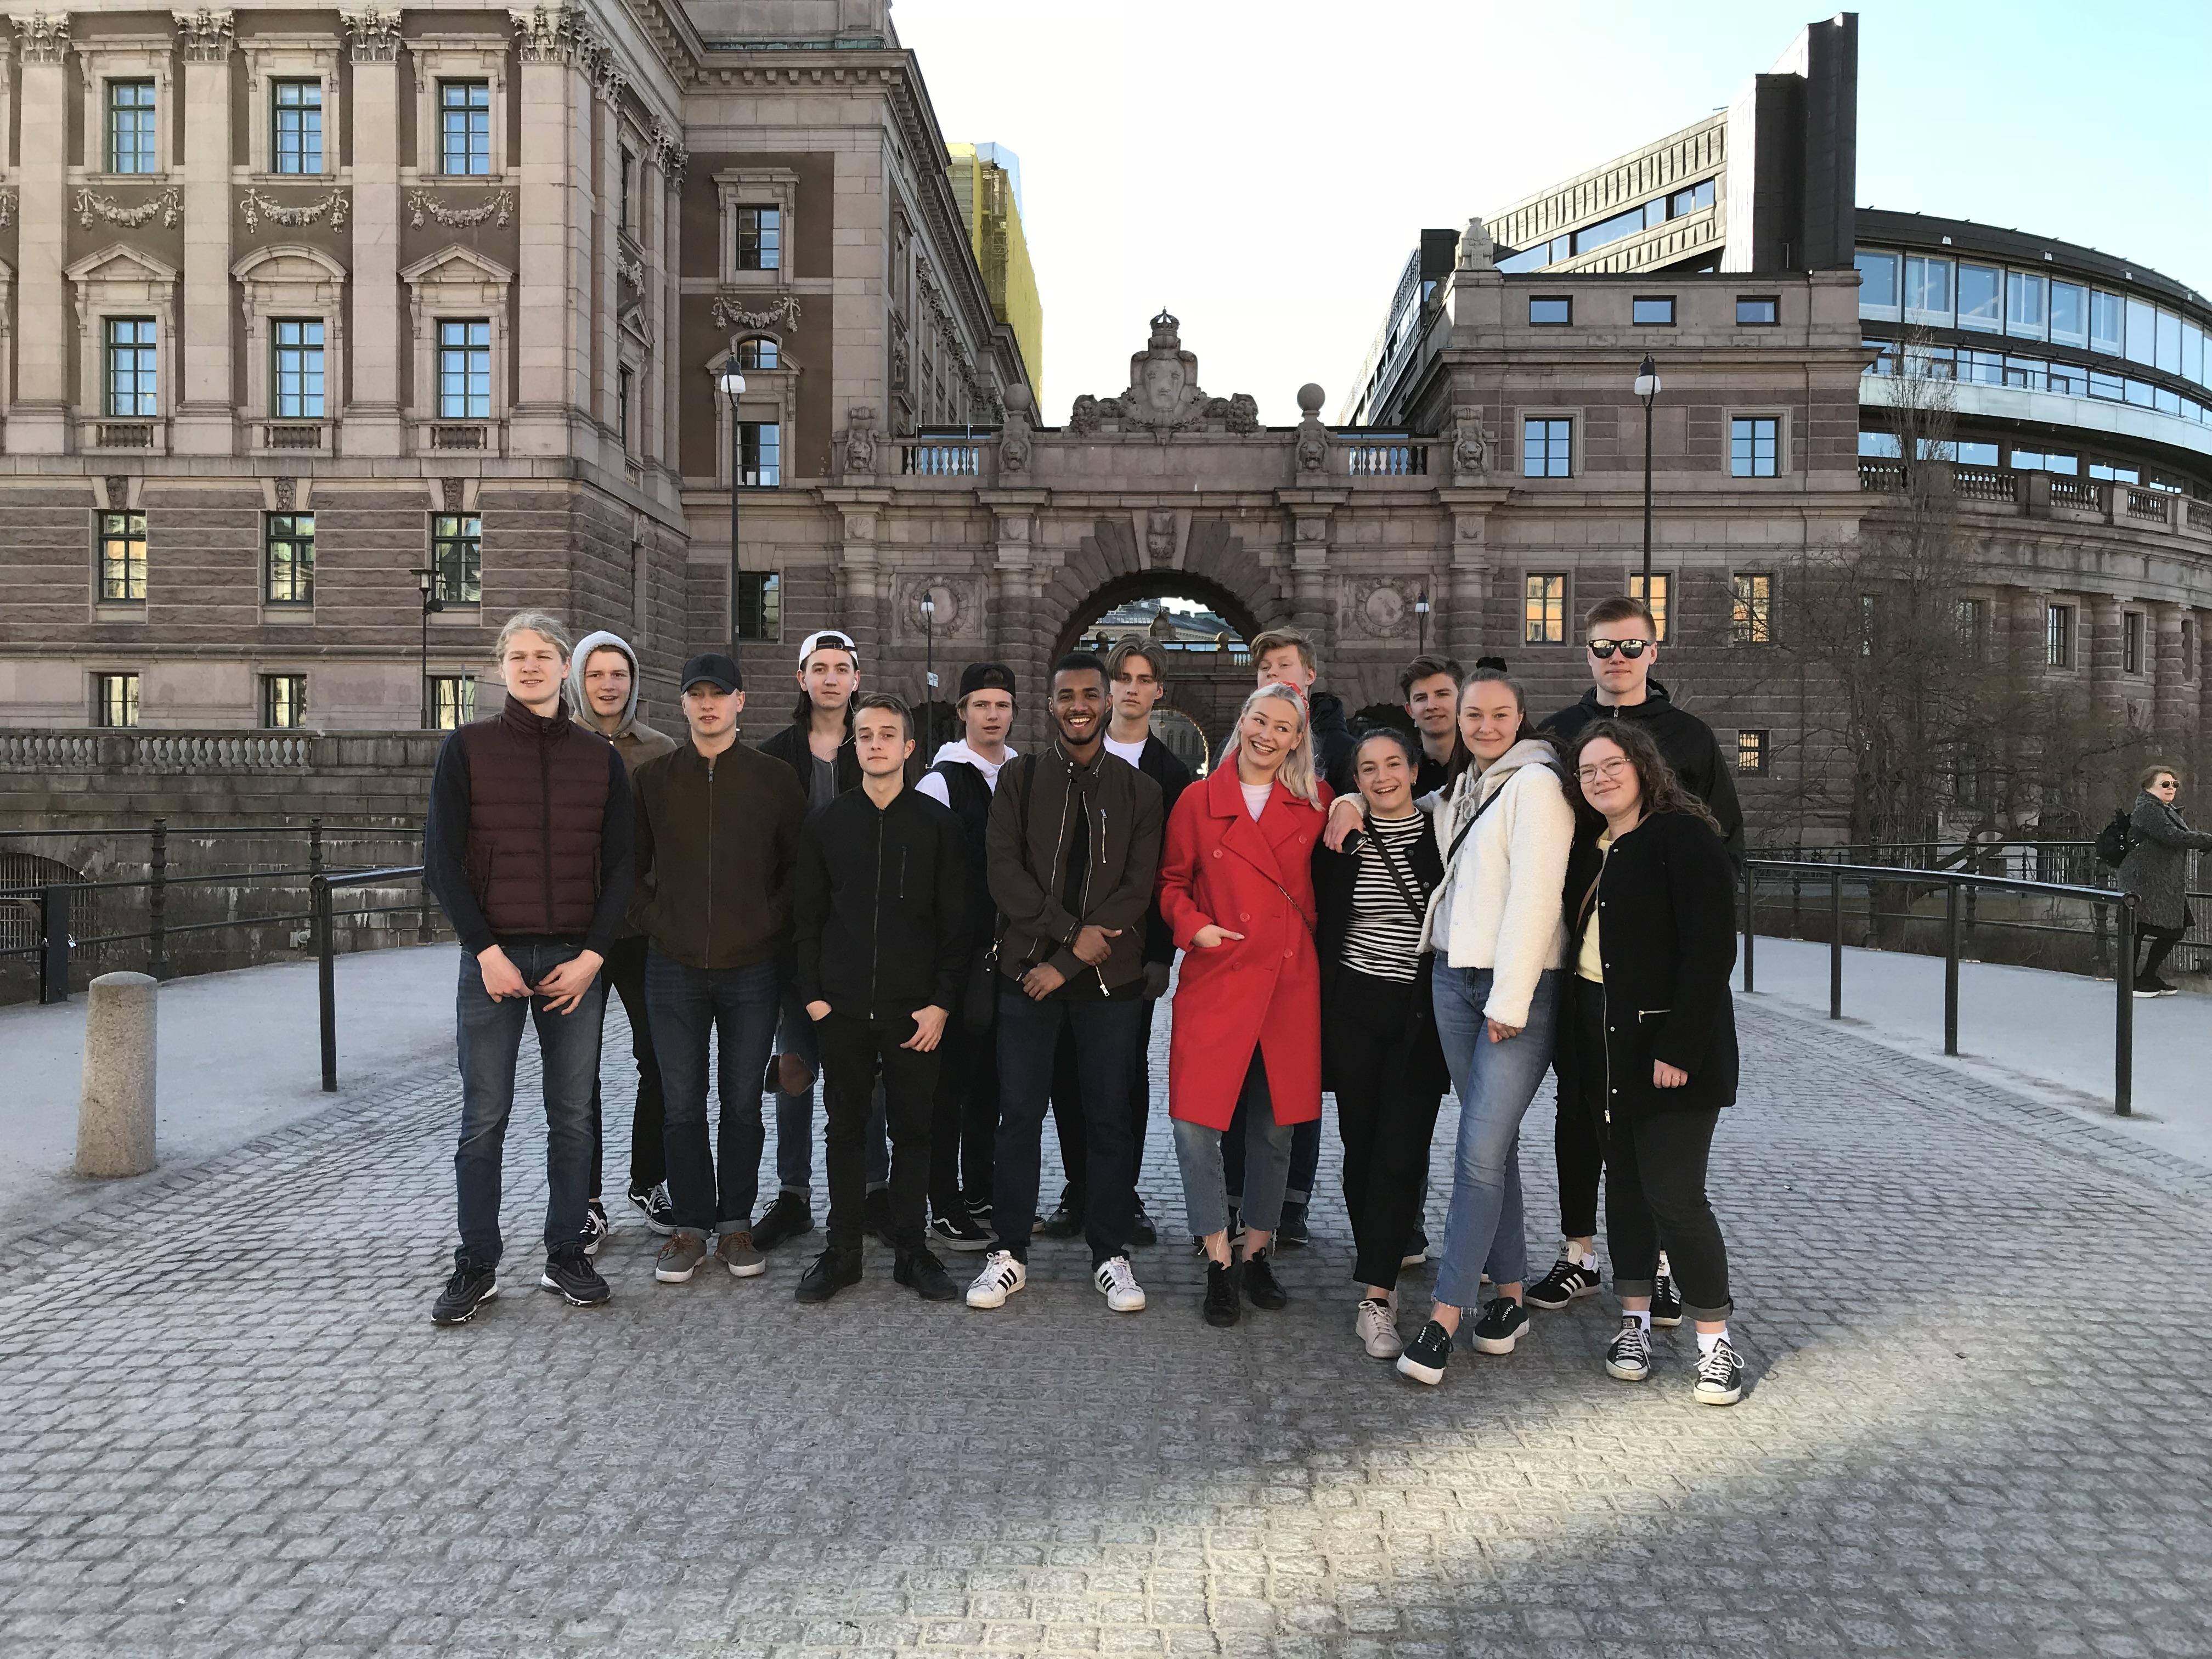 stockholm idrottsgymnasium